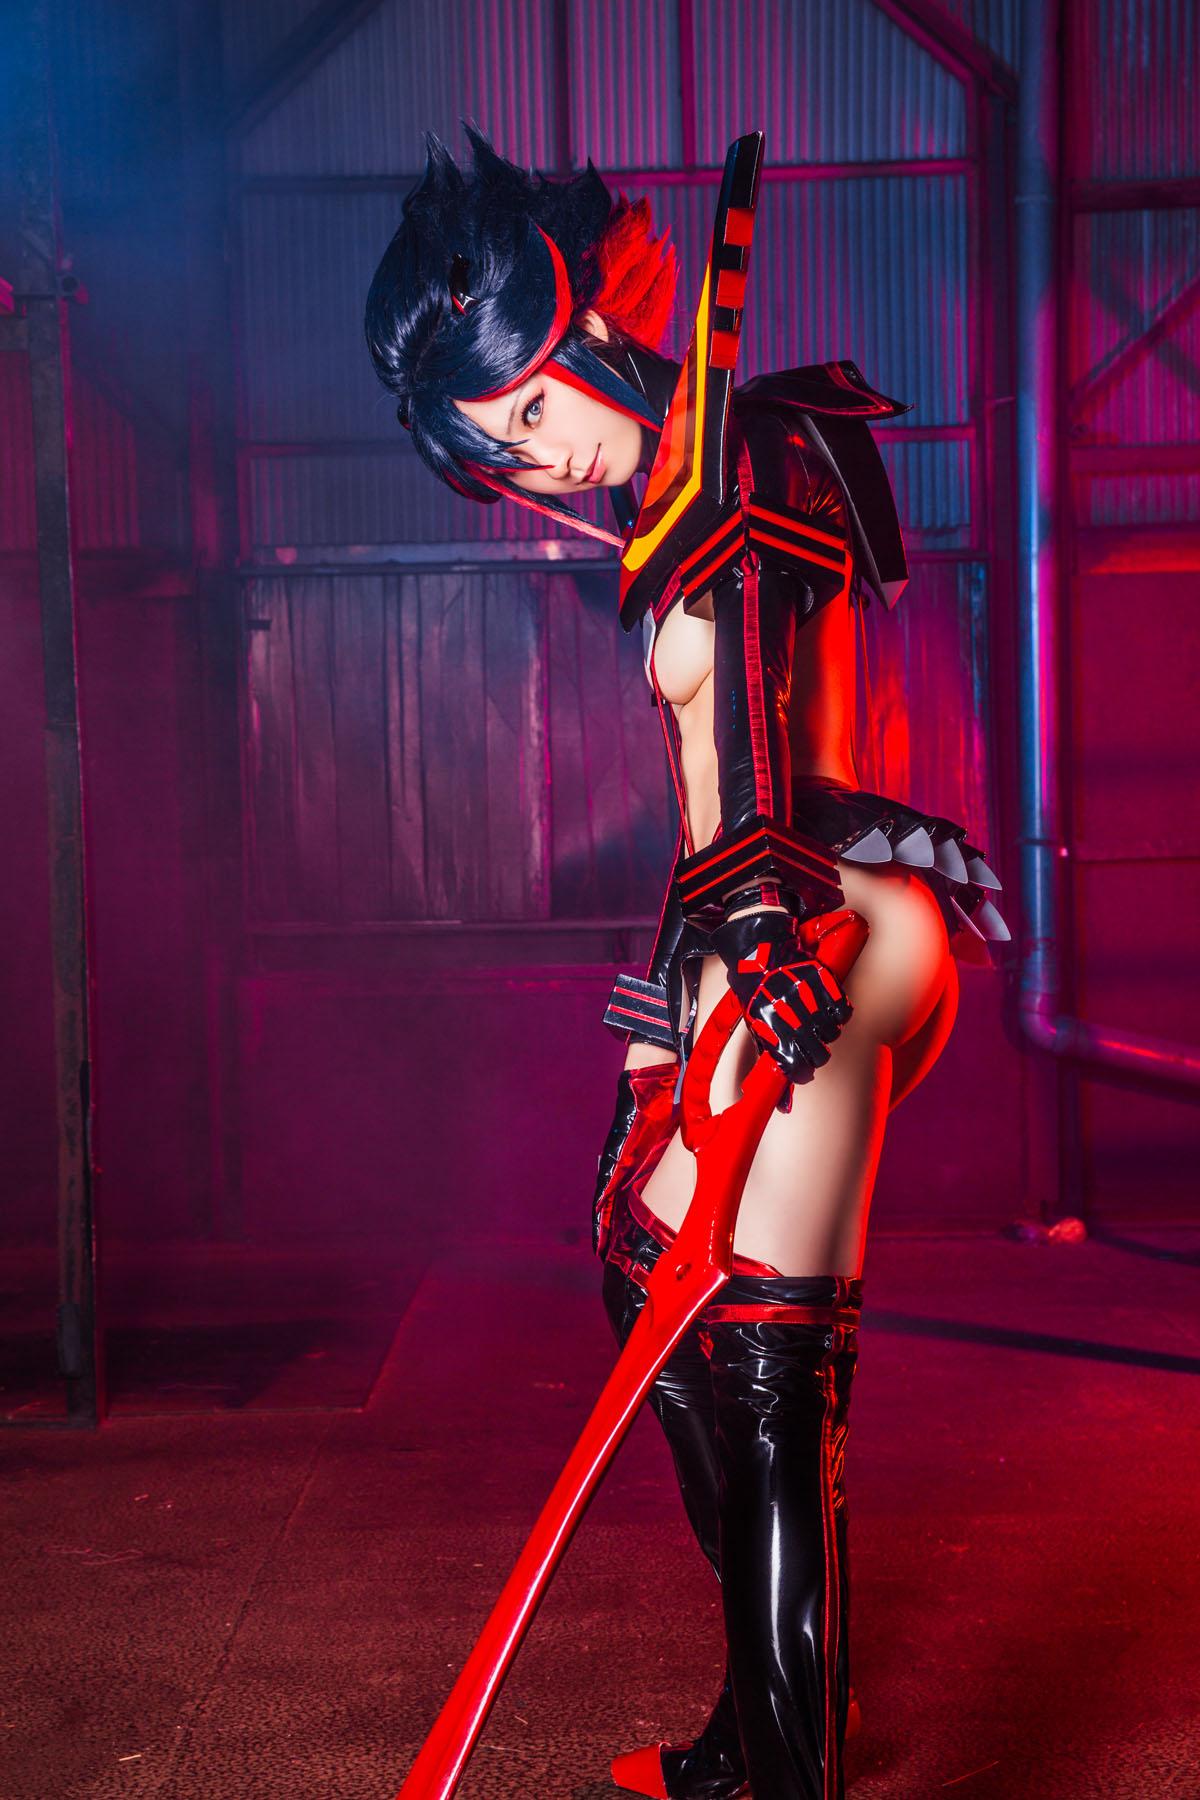 Kill la Kill Ryuuko Matoi anime cosplay by Mikehouse 0050